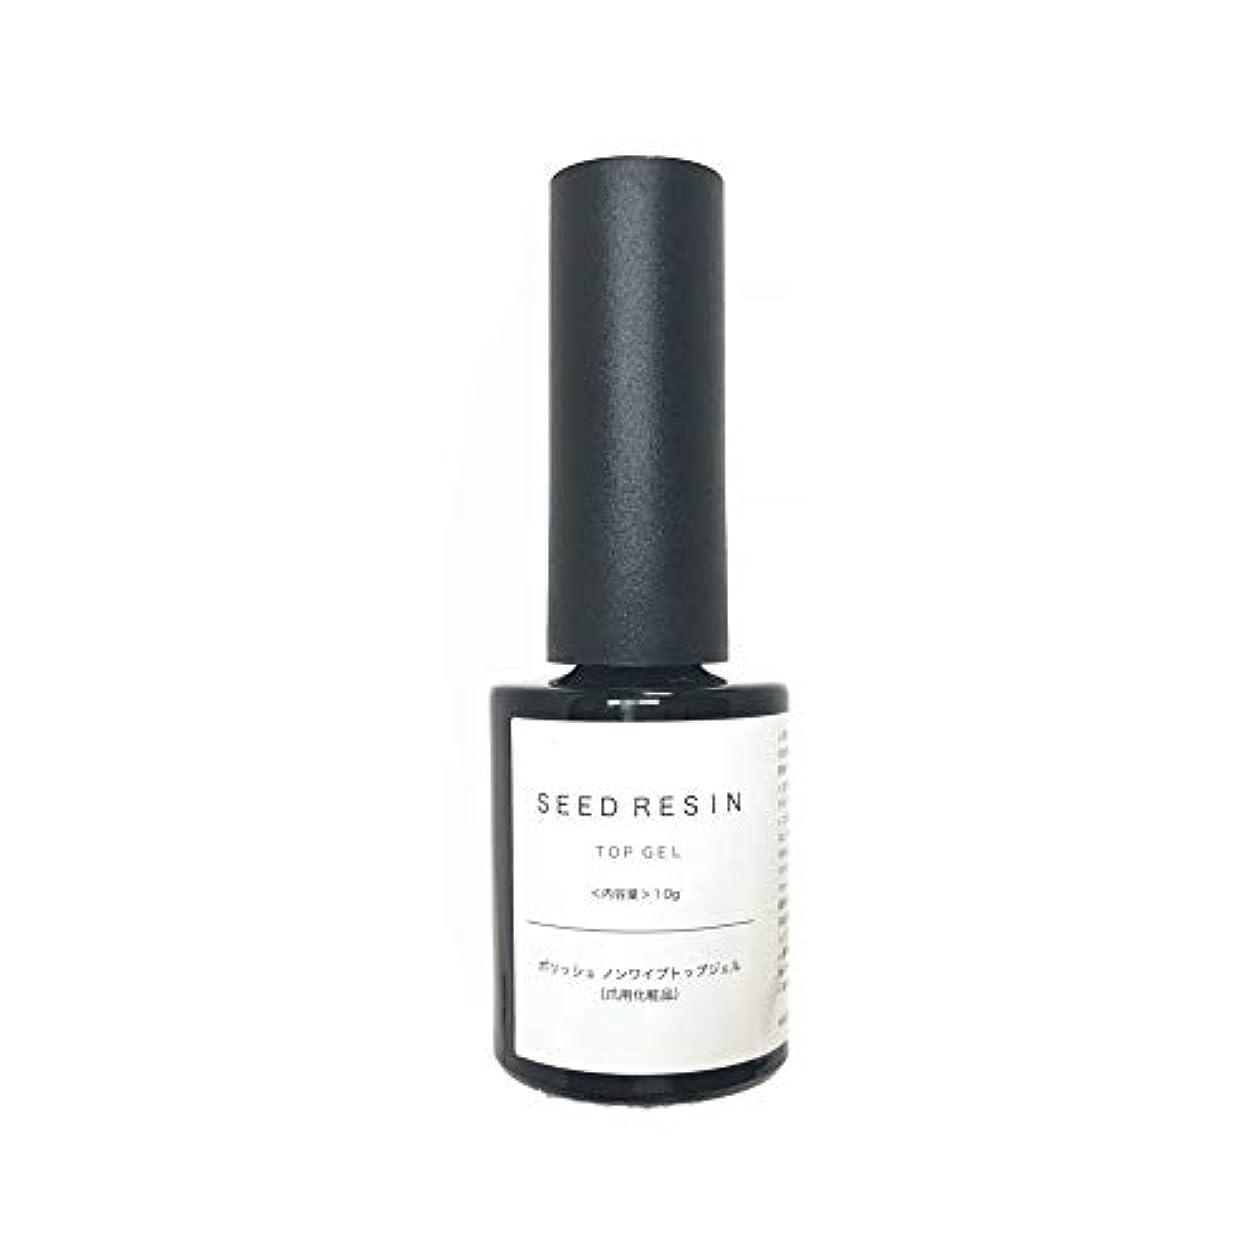 梨滑りやすい俳優SEED RESIN(シードレジン) ジェルネイル ポリッシュ ノンワイプ トップジェル 10g 爪用化粧品